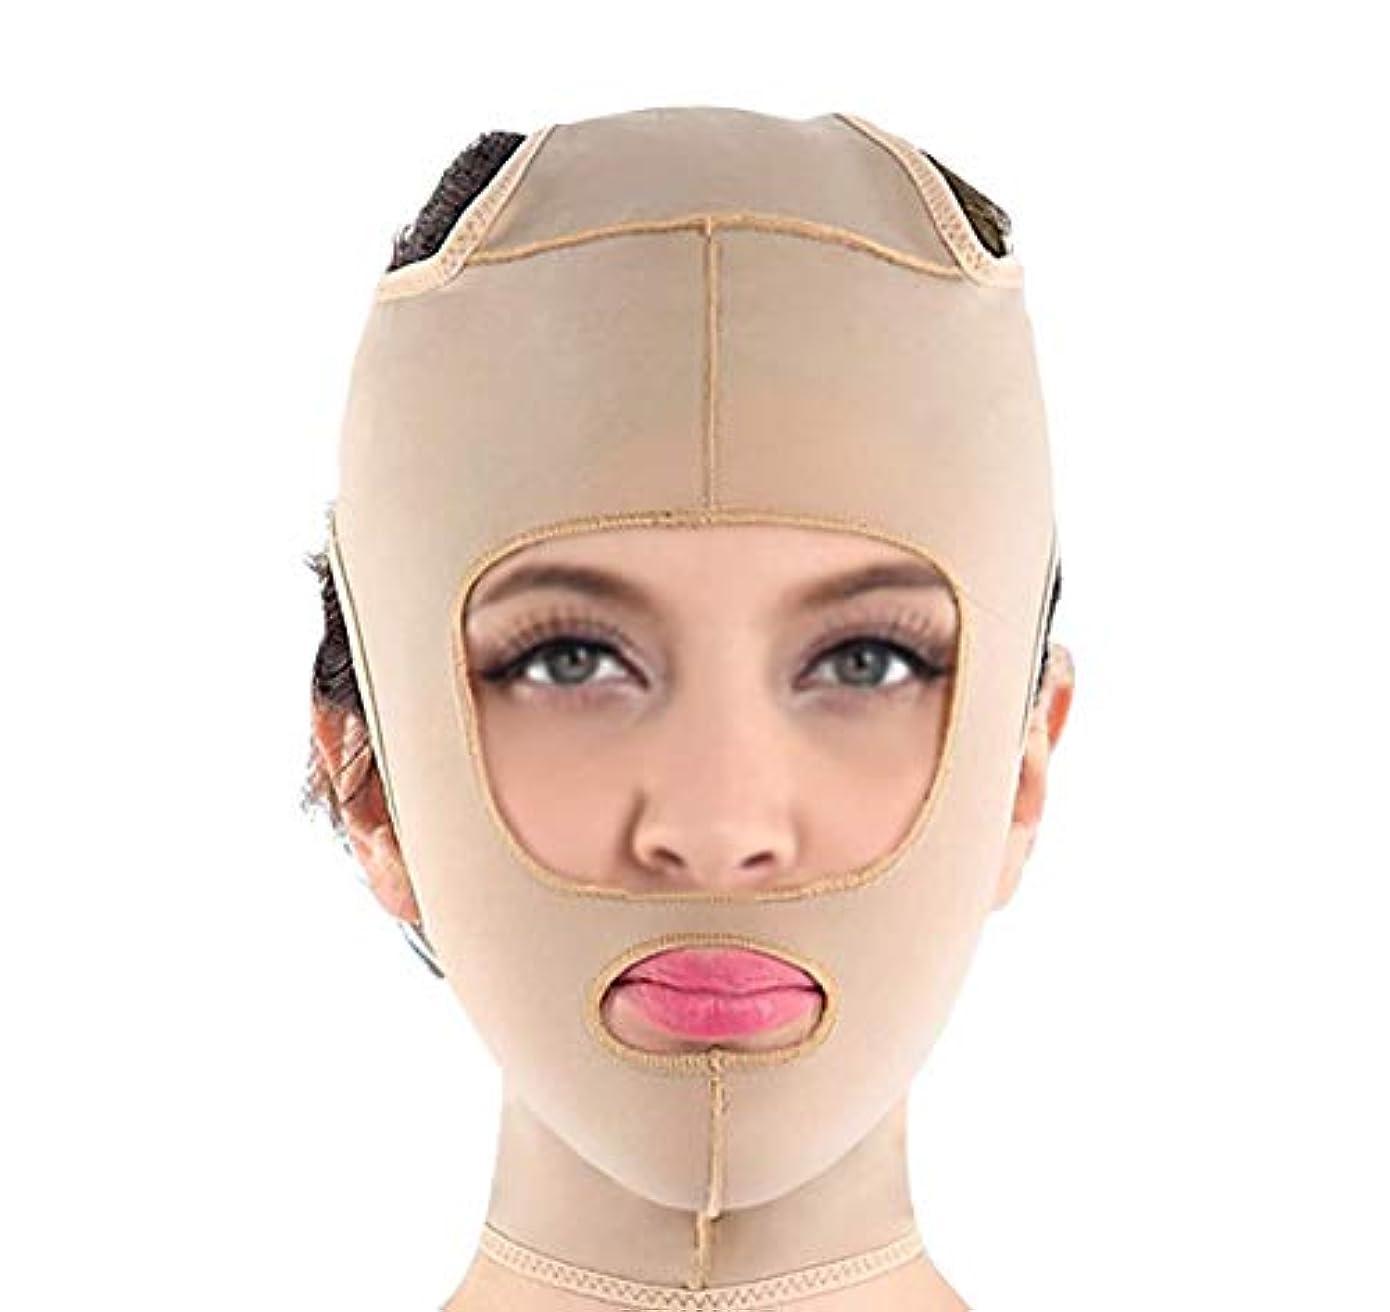 電子レールニュース包帯vフェイス楽器フェイスマスクマジックフェイスフェイシャル引き締めフェイシャルマッサージフェイシャルリンクルリフティング引き締めプラスチックマスク(サイズ:Xl),Xl